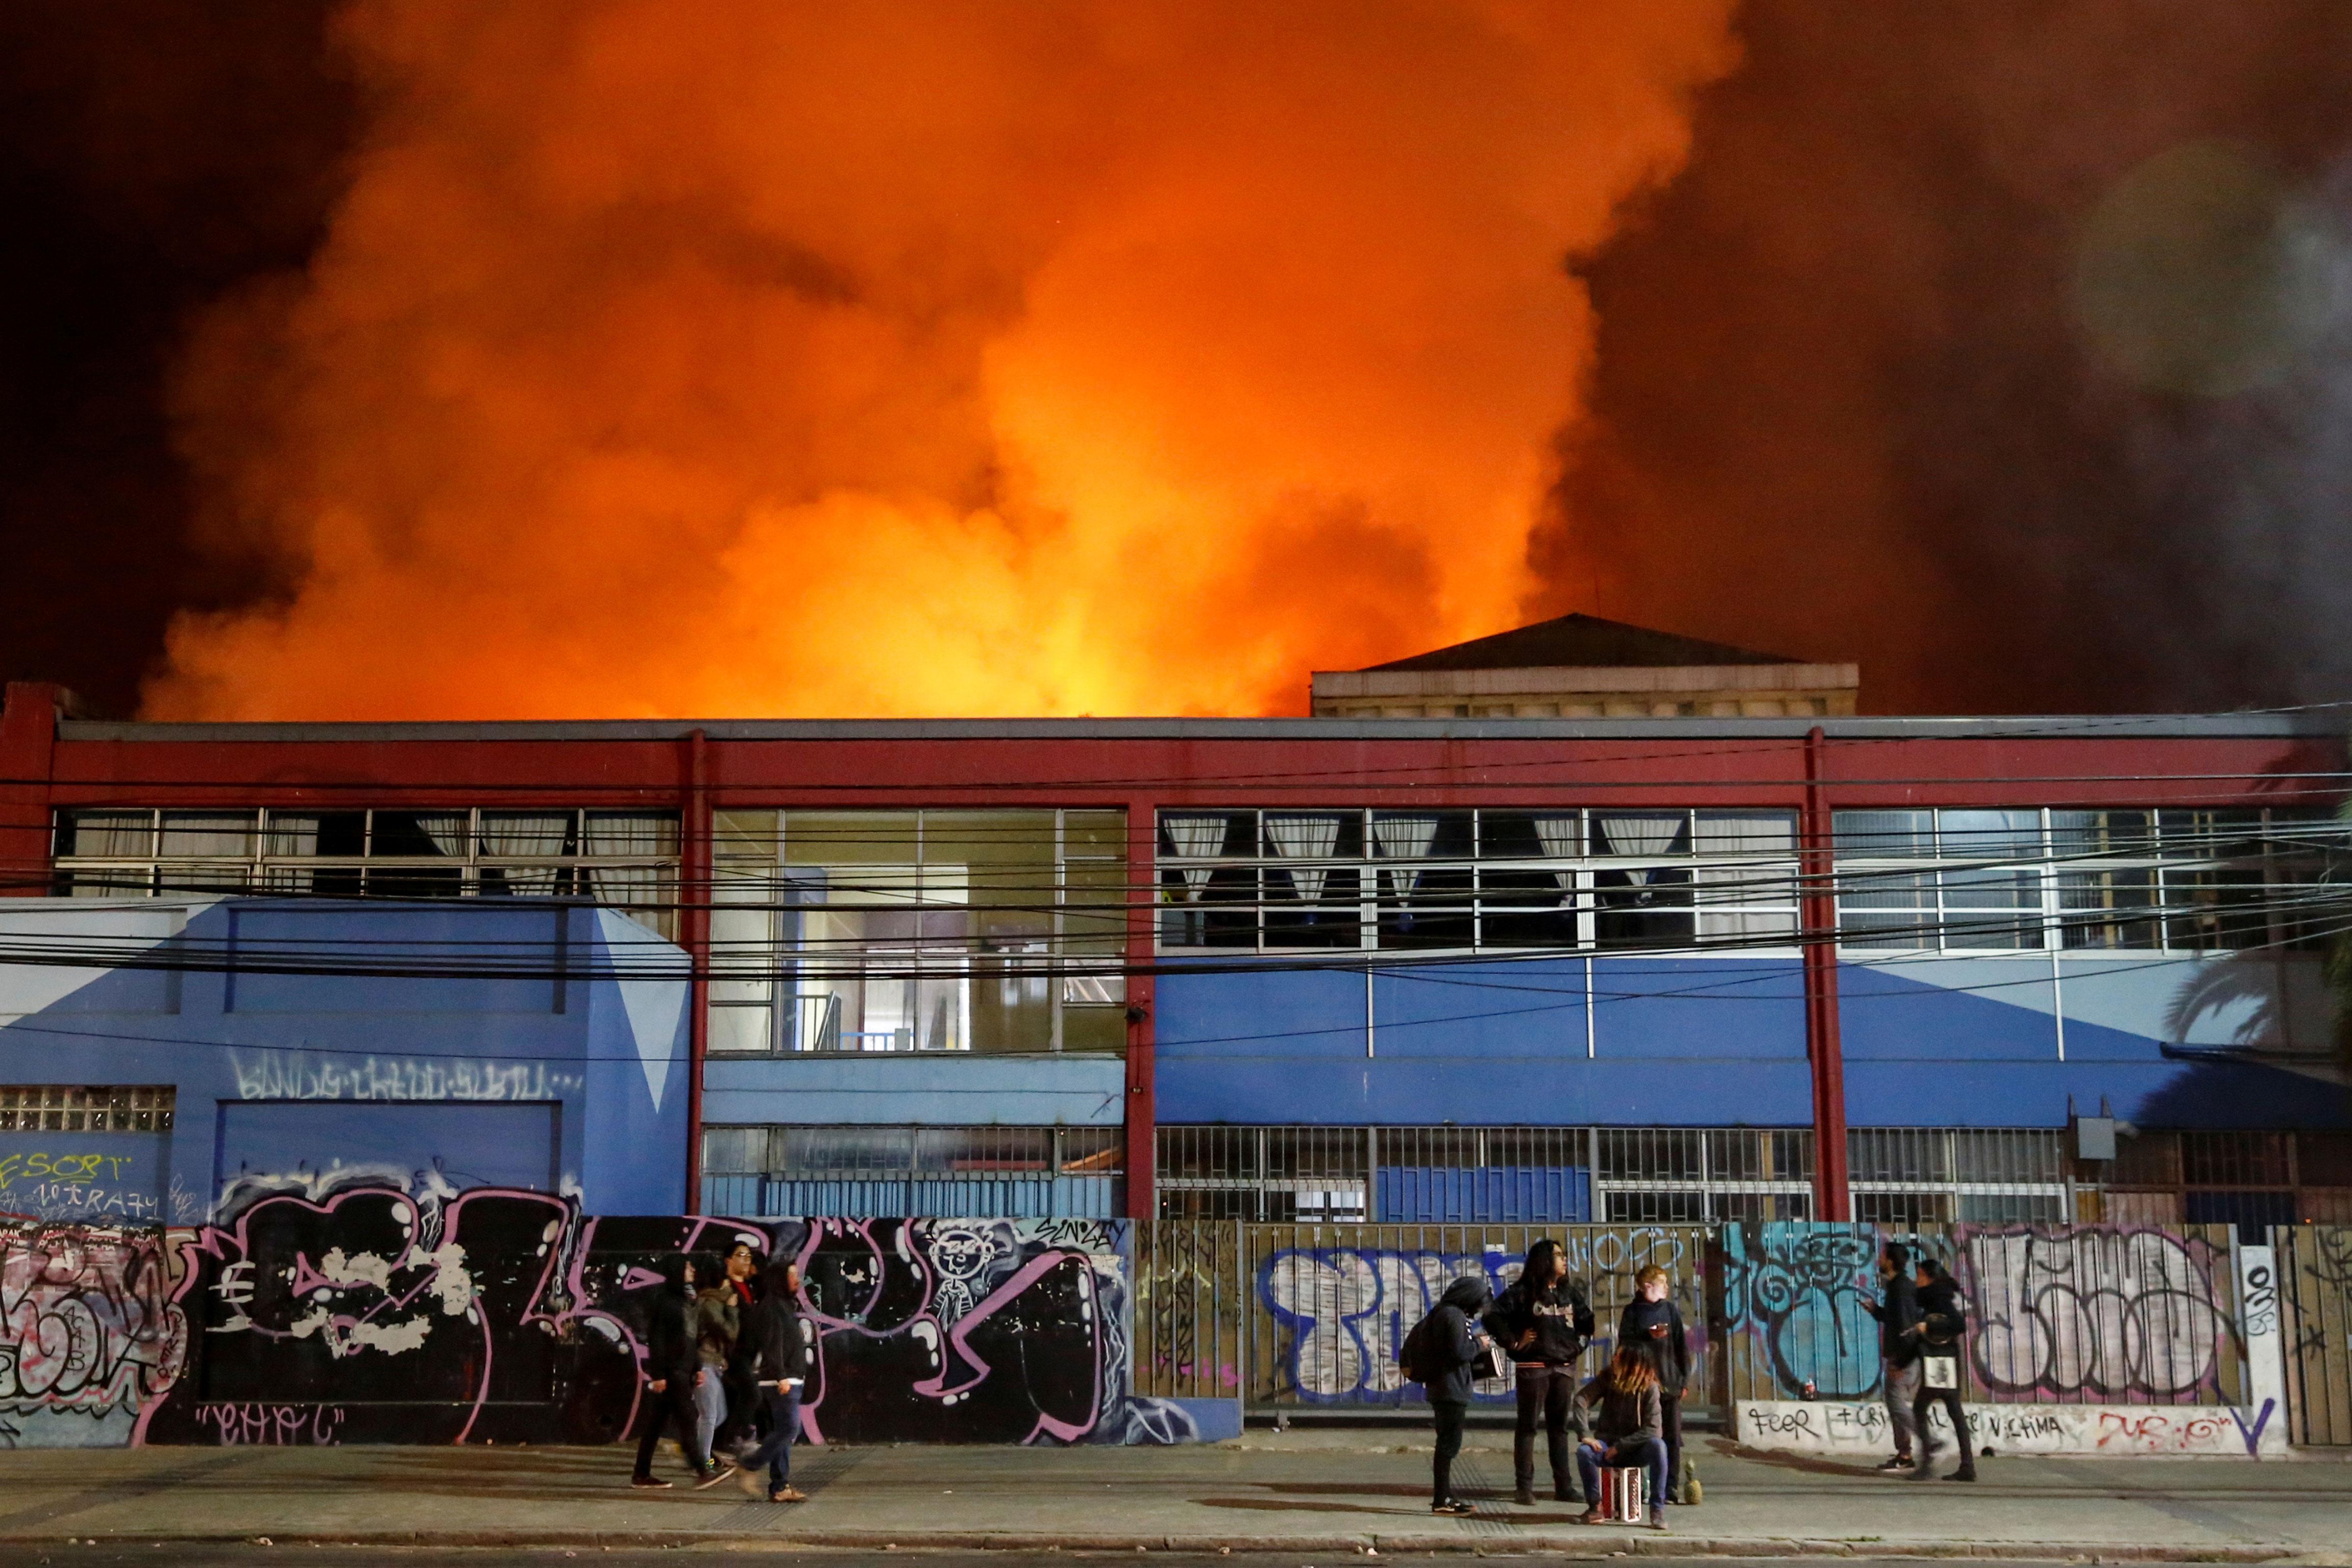 Desde de las 3:00 horas de la madrugada no se registraron situaciones violentas de importancia pero los incendios todavía perduraban.